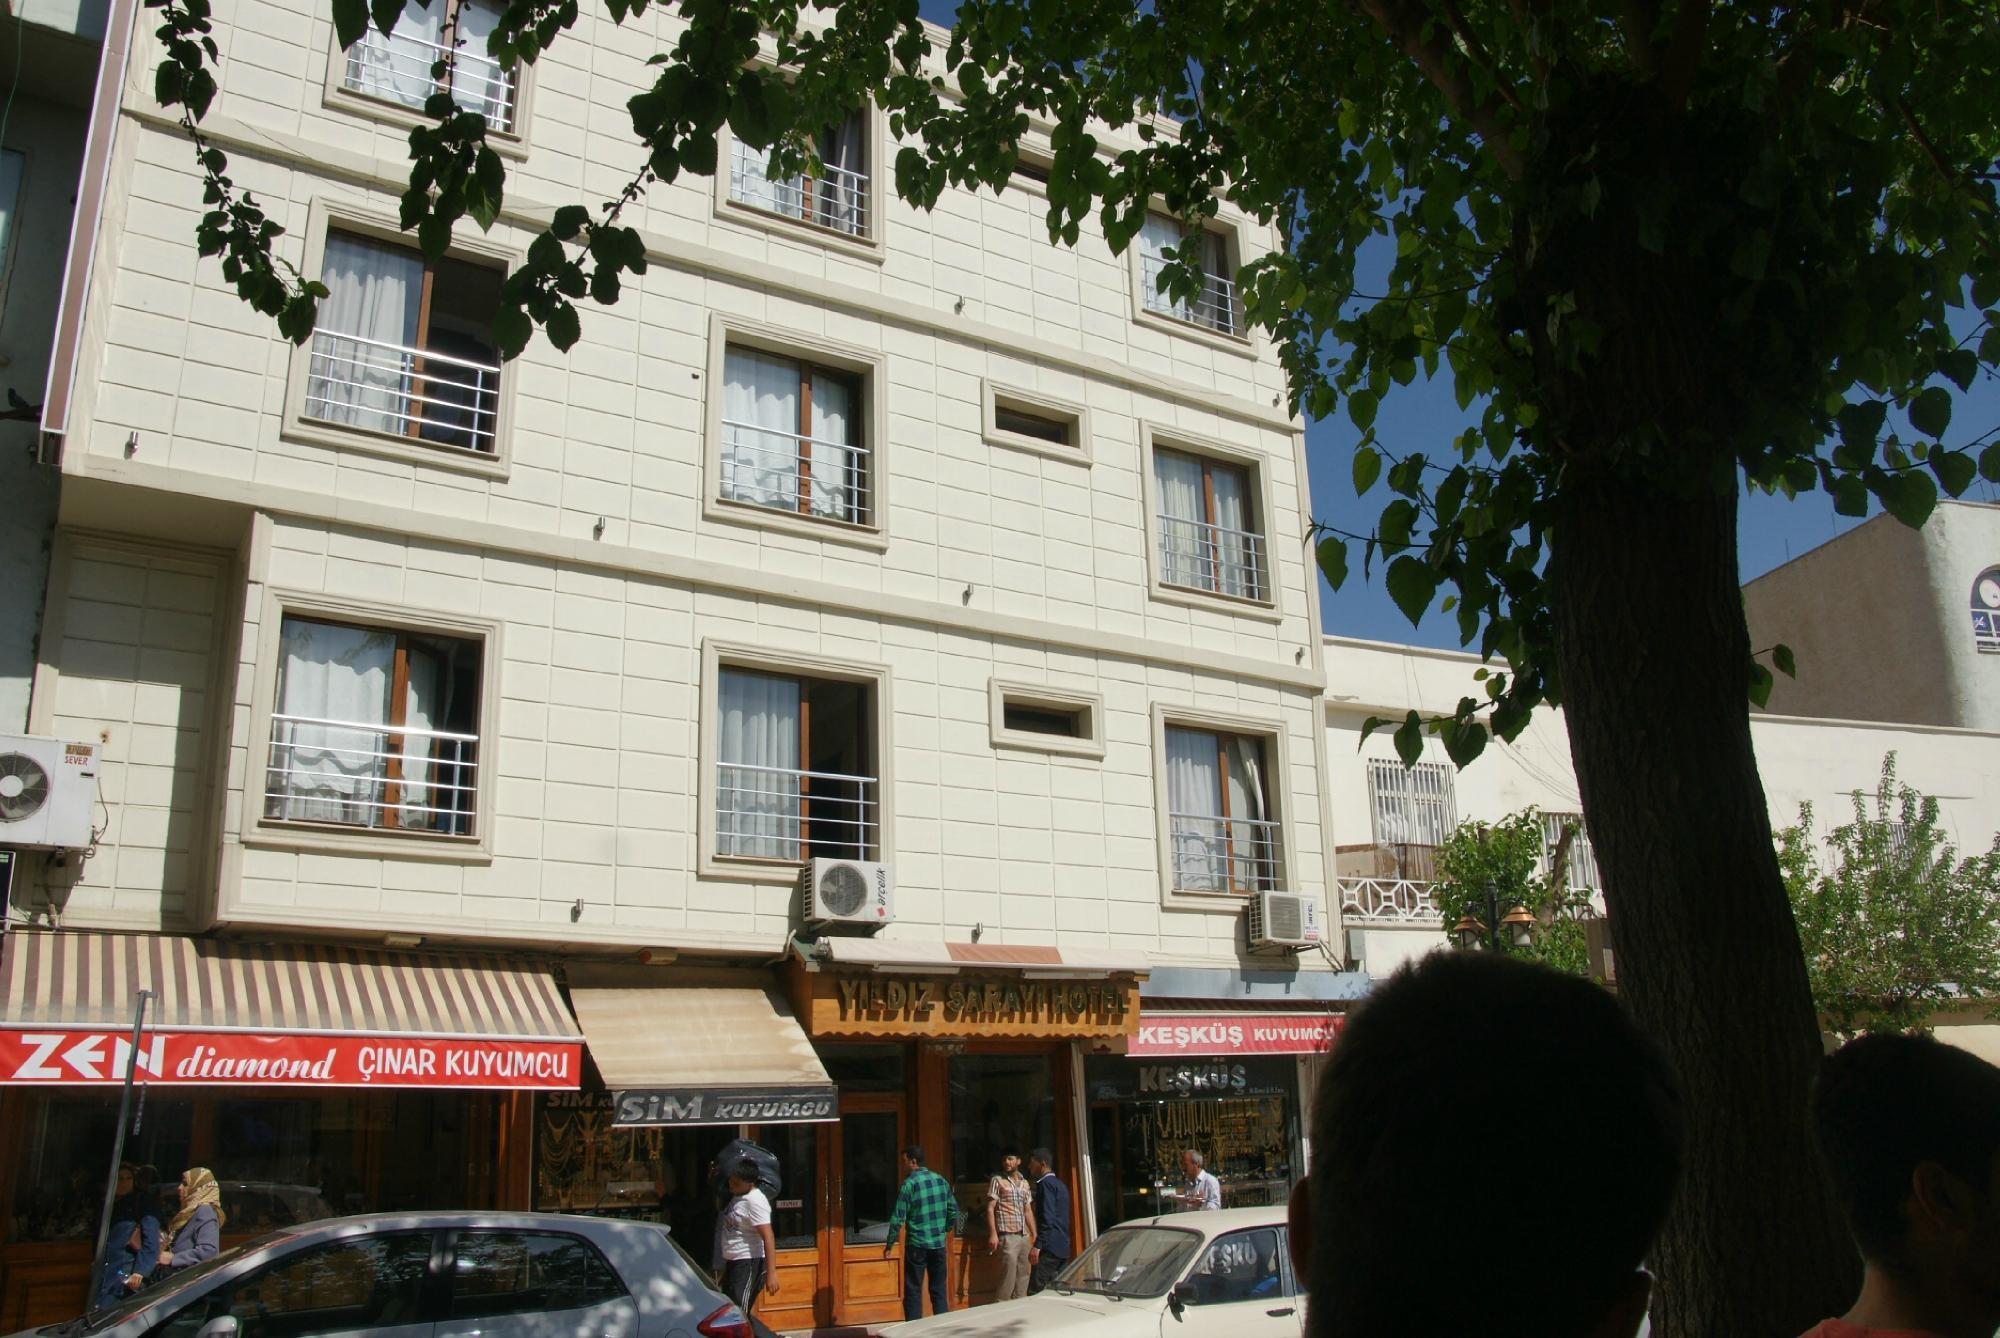 Yildiz Sarayi Hotel